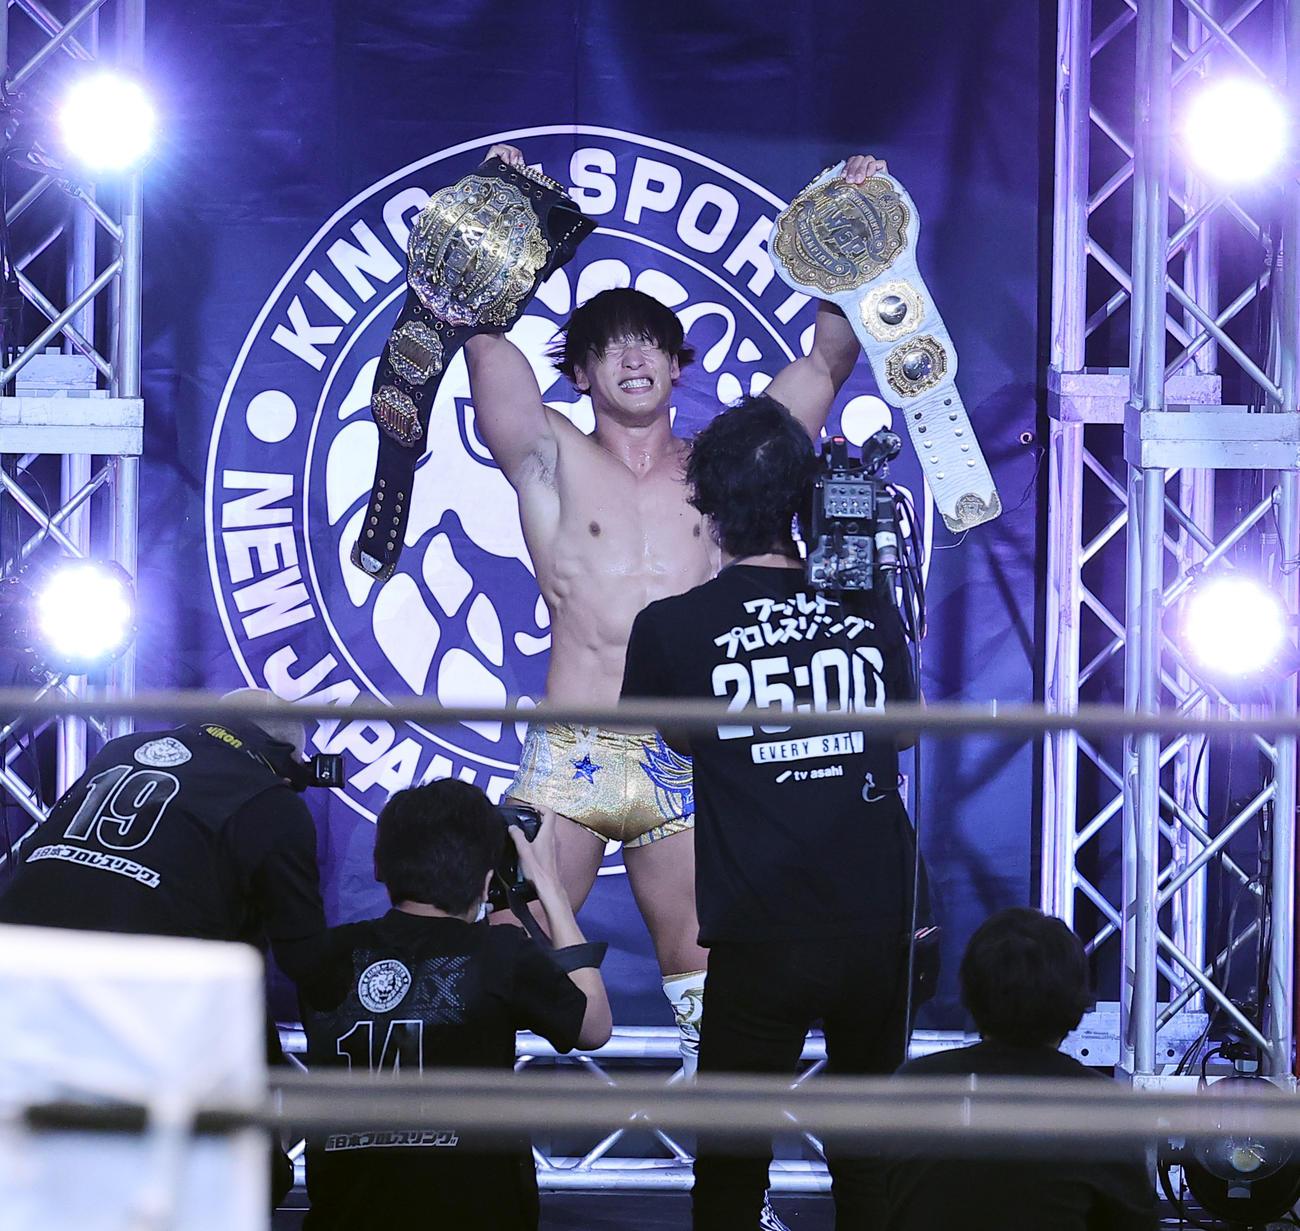 飯伏幸太対エル・デスペラード 勝利した飯伏幸太は2本のベルトを掲げて雄たけびを上げる(撮影・浅見桂子)